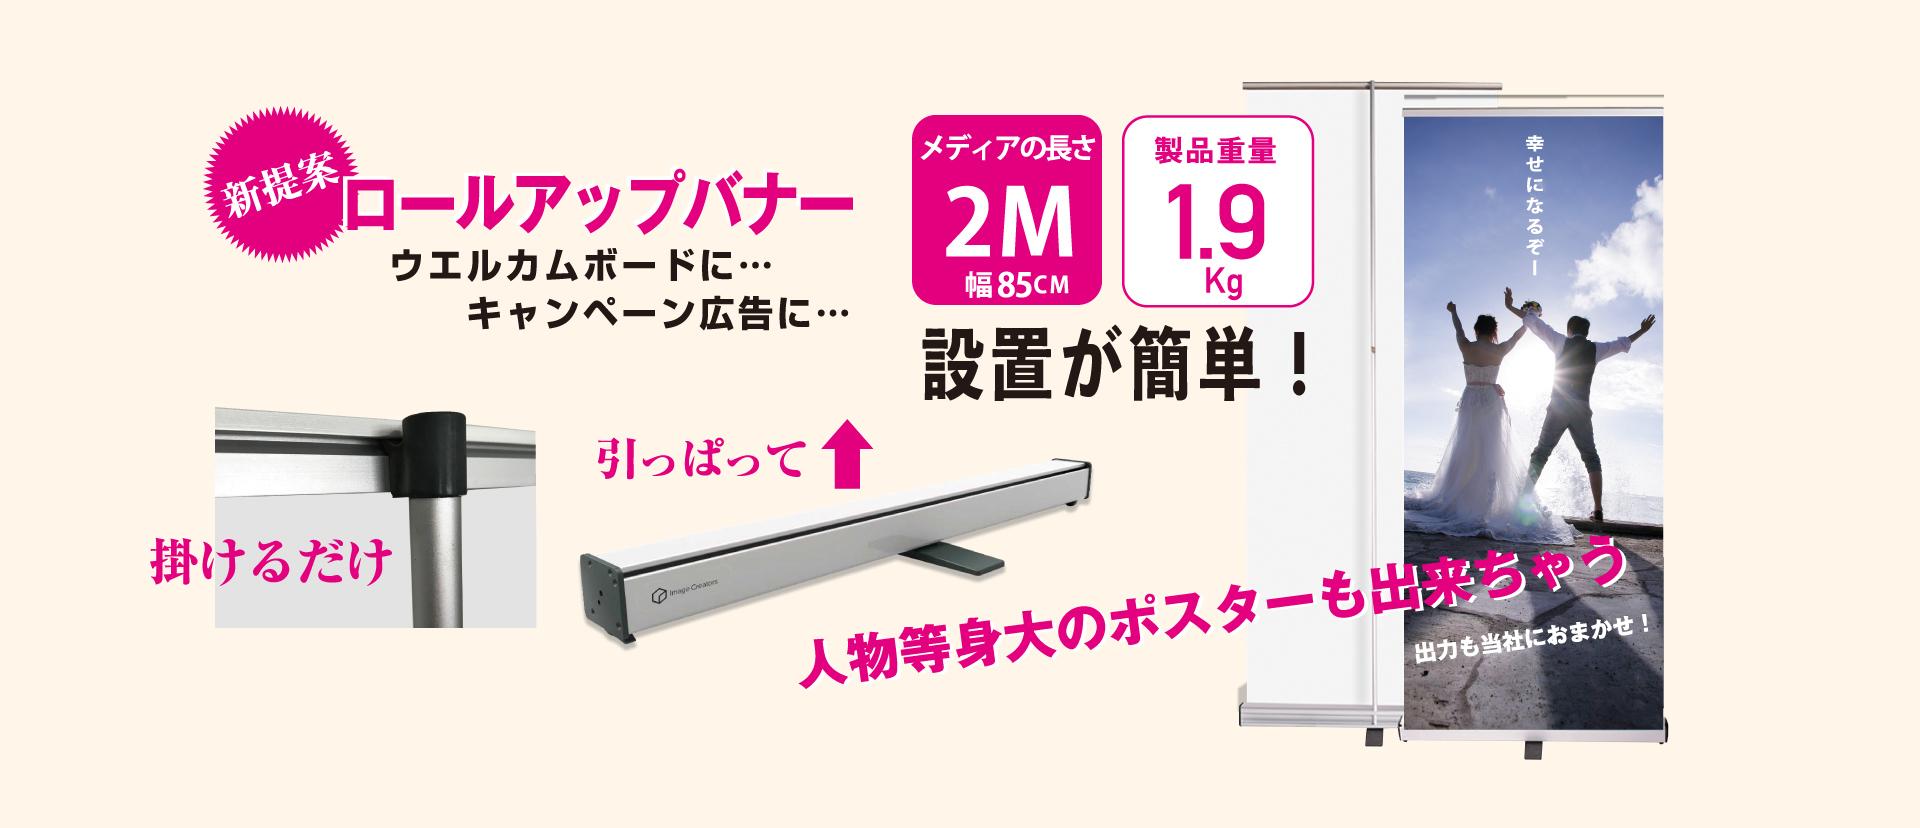 新提案 ロールアップバナー ウエルカムボードに。キャンペーン広告に。設置が簡単!人物等身大のポスターも出来ちゃう!